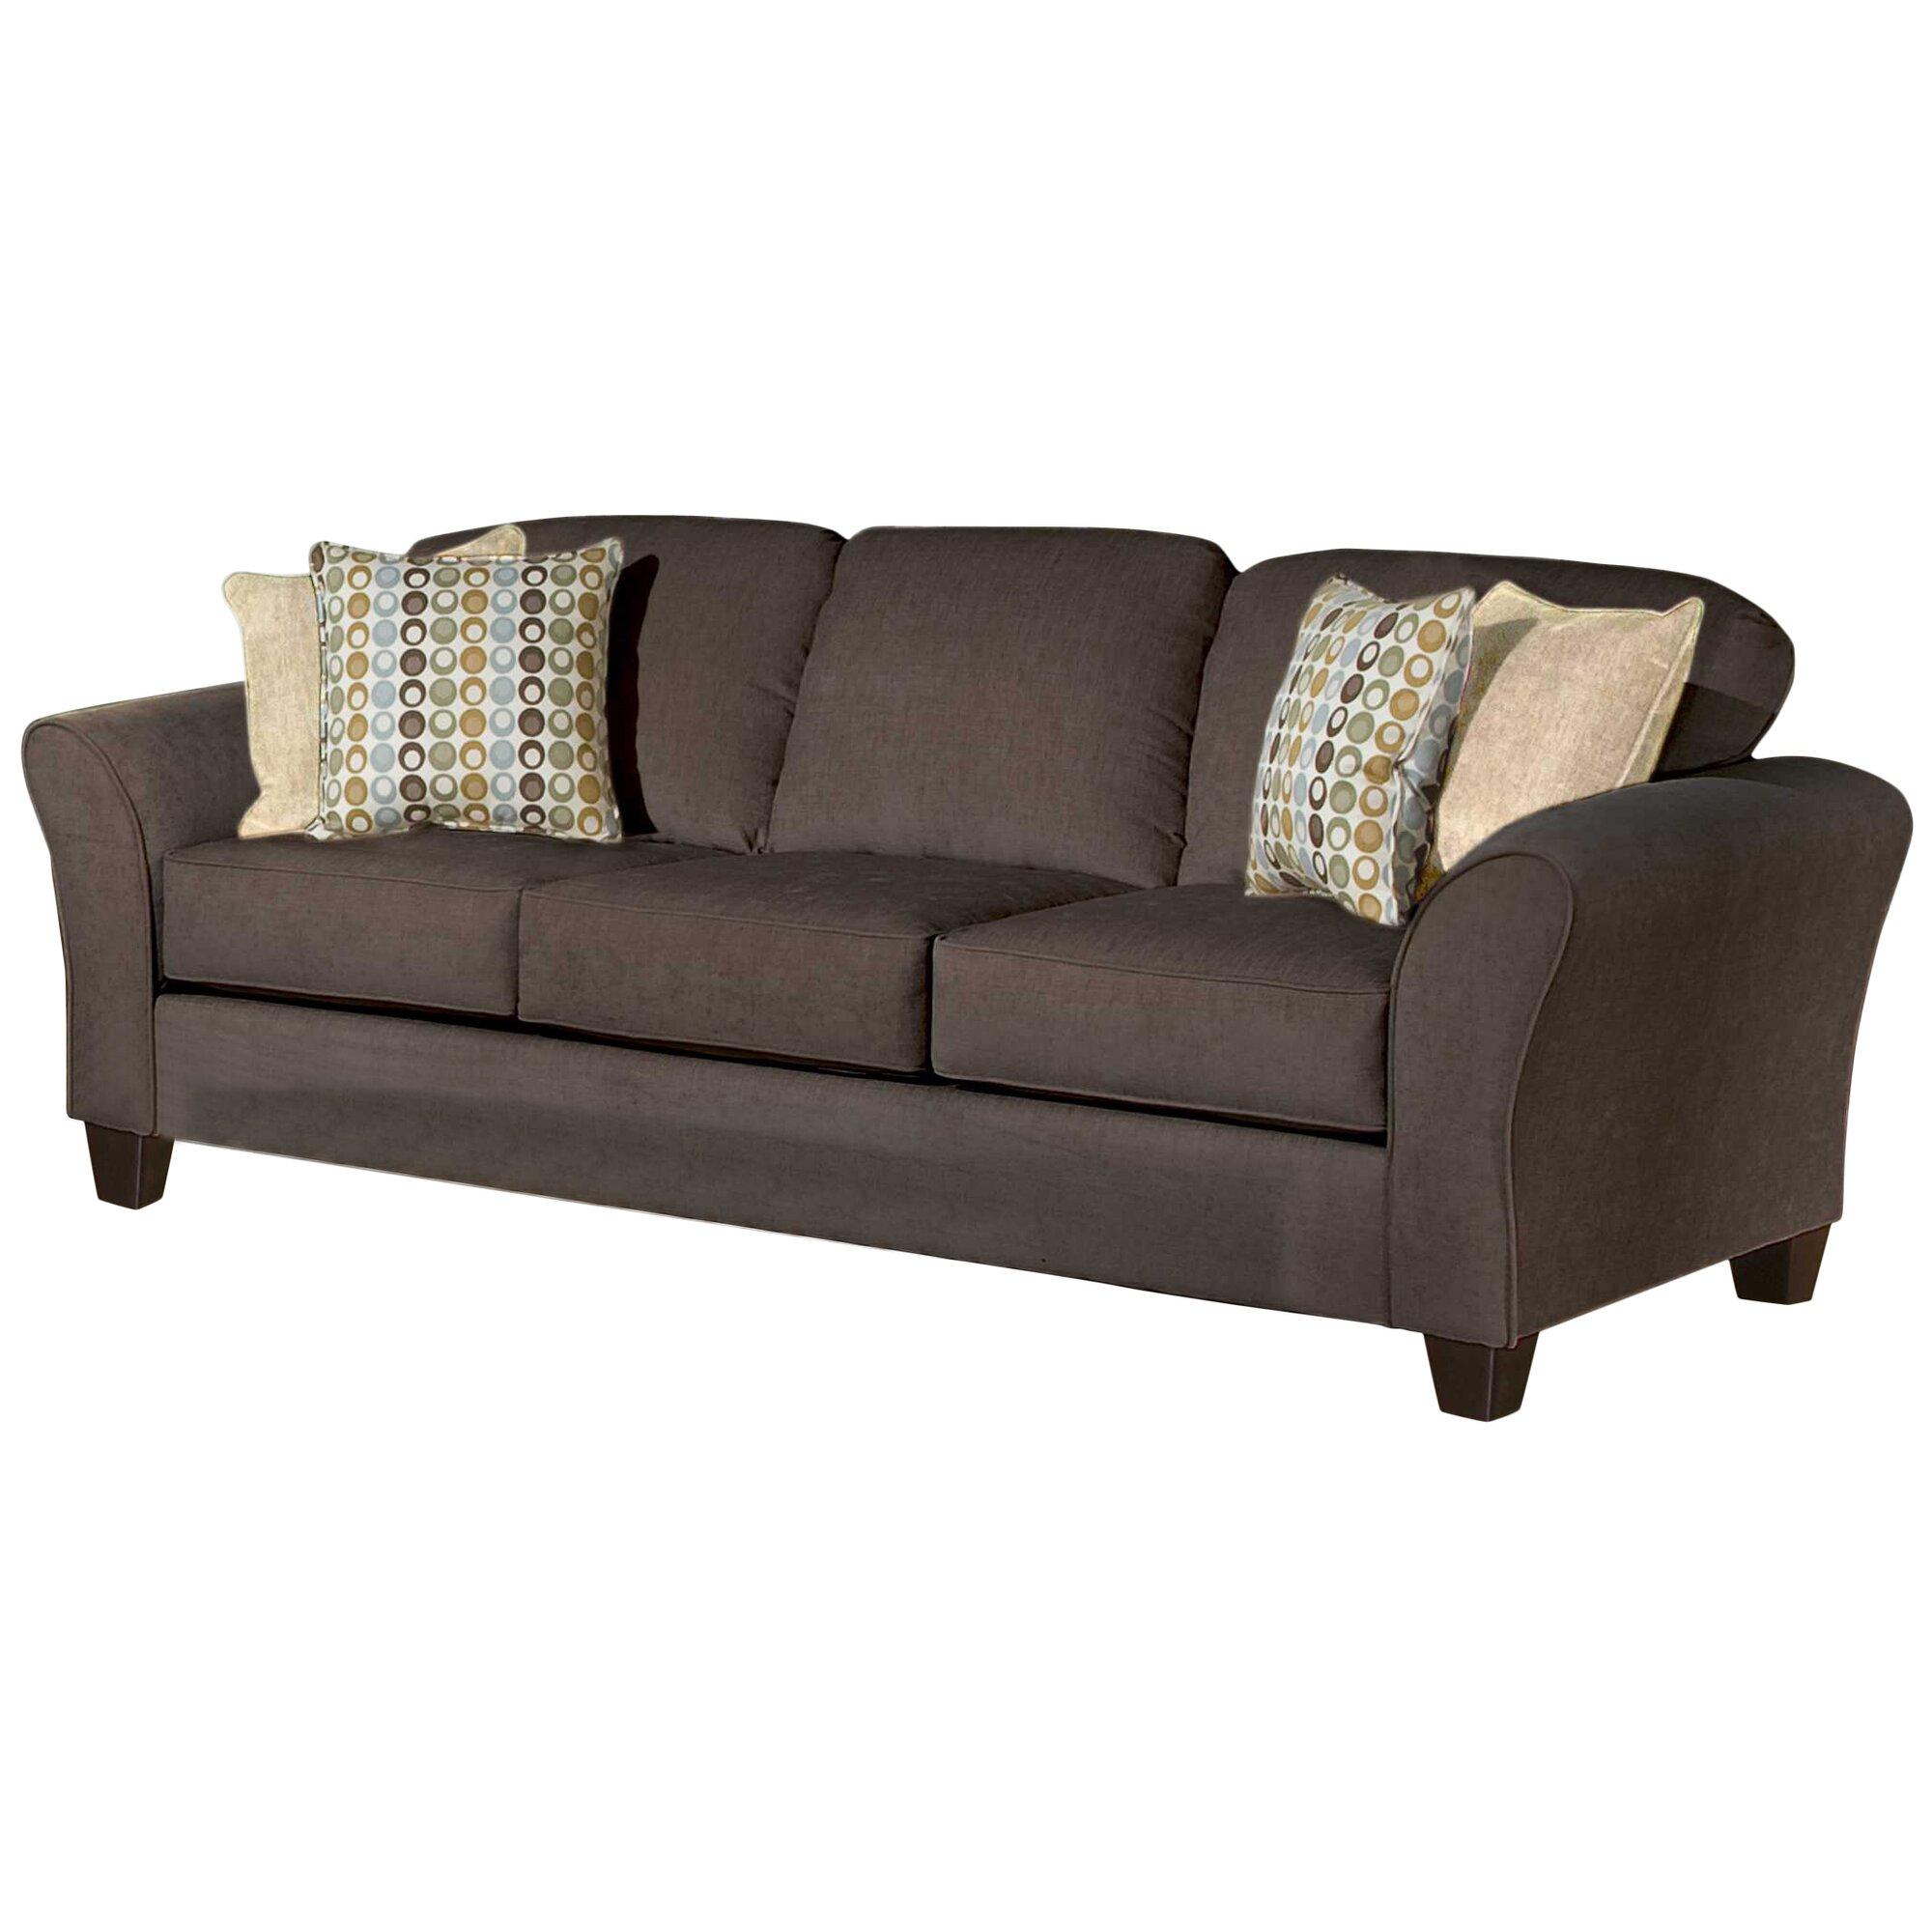 Serta Sofa – Sofa Idea